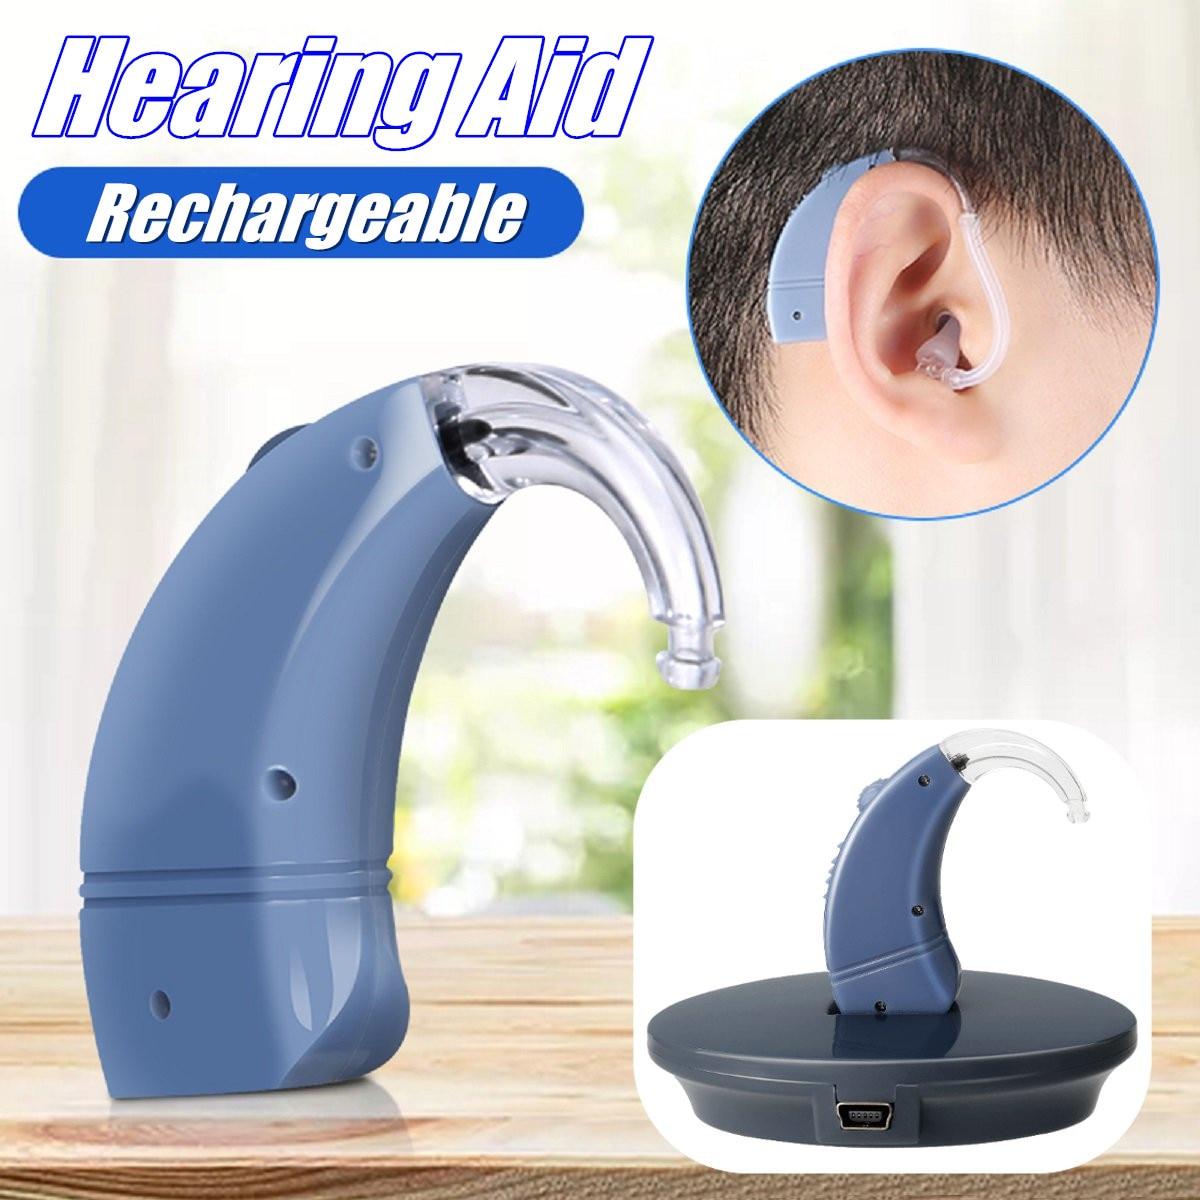 Mini amplificateurs auditifs numériques rechargeables sans fil pour aides auditives réduction intelligente du bruit poids léger imperméable